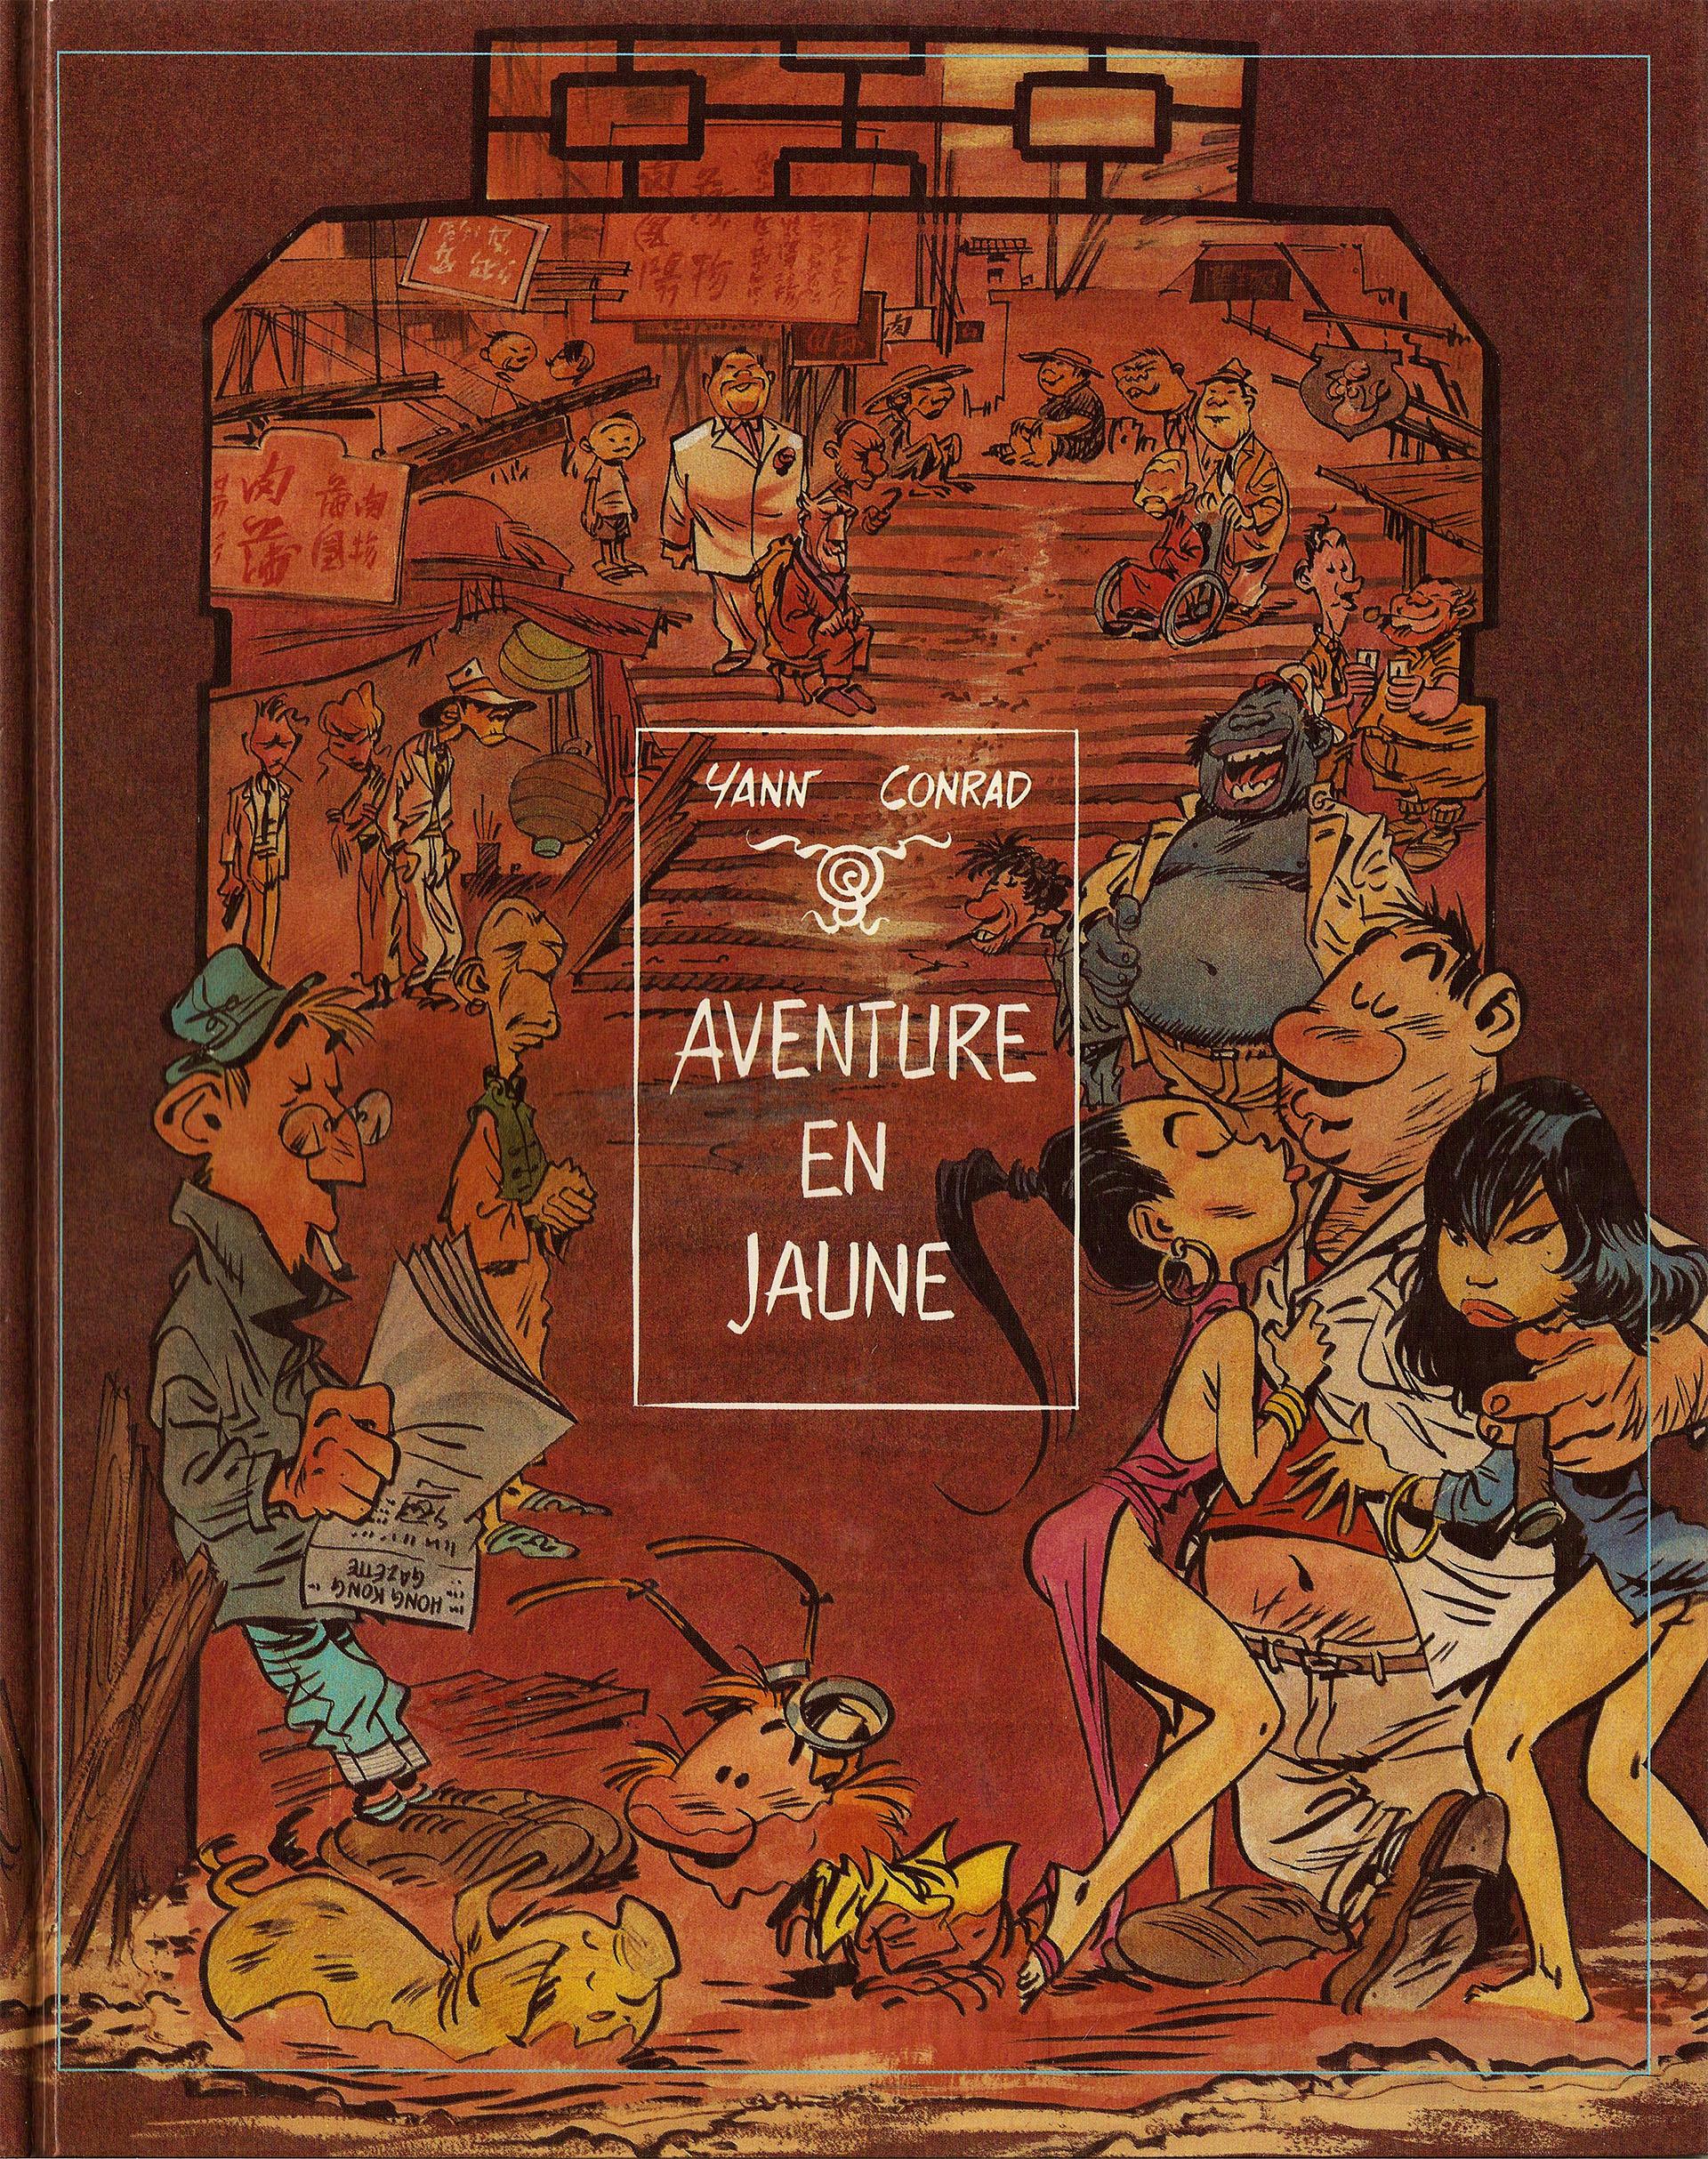 « Aventure en jaune » version Bédéscope/Glénat (mars 1986).